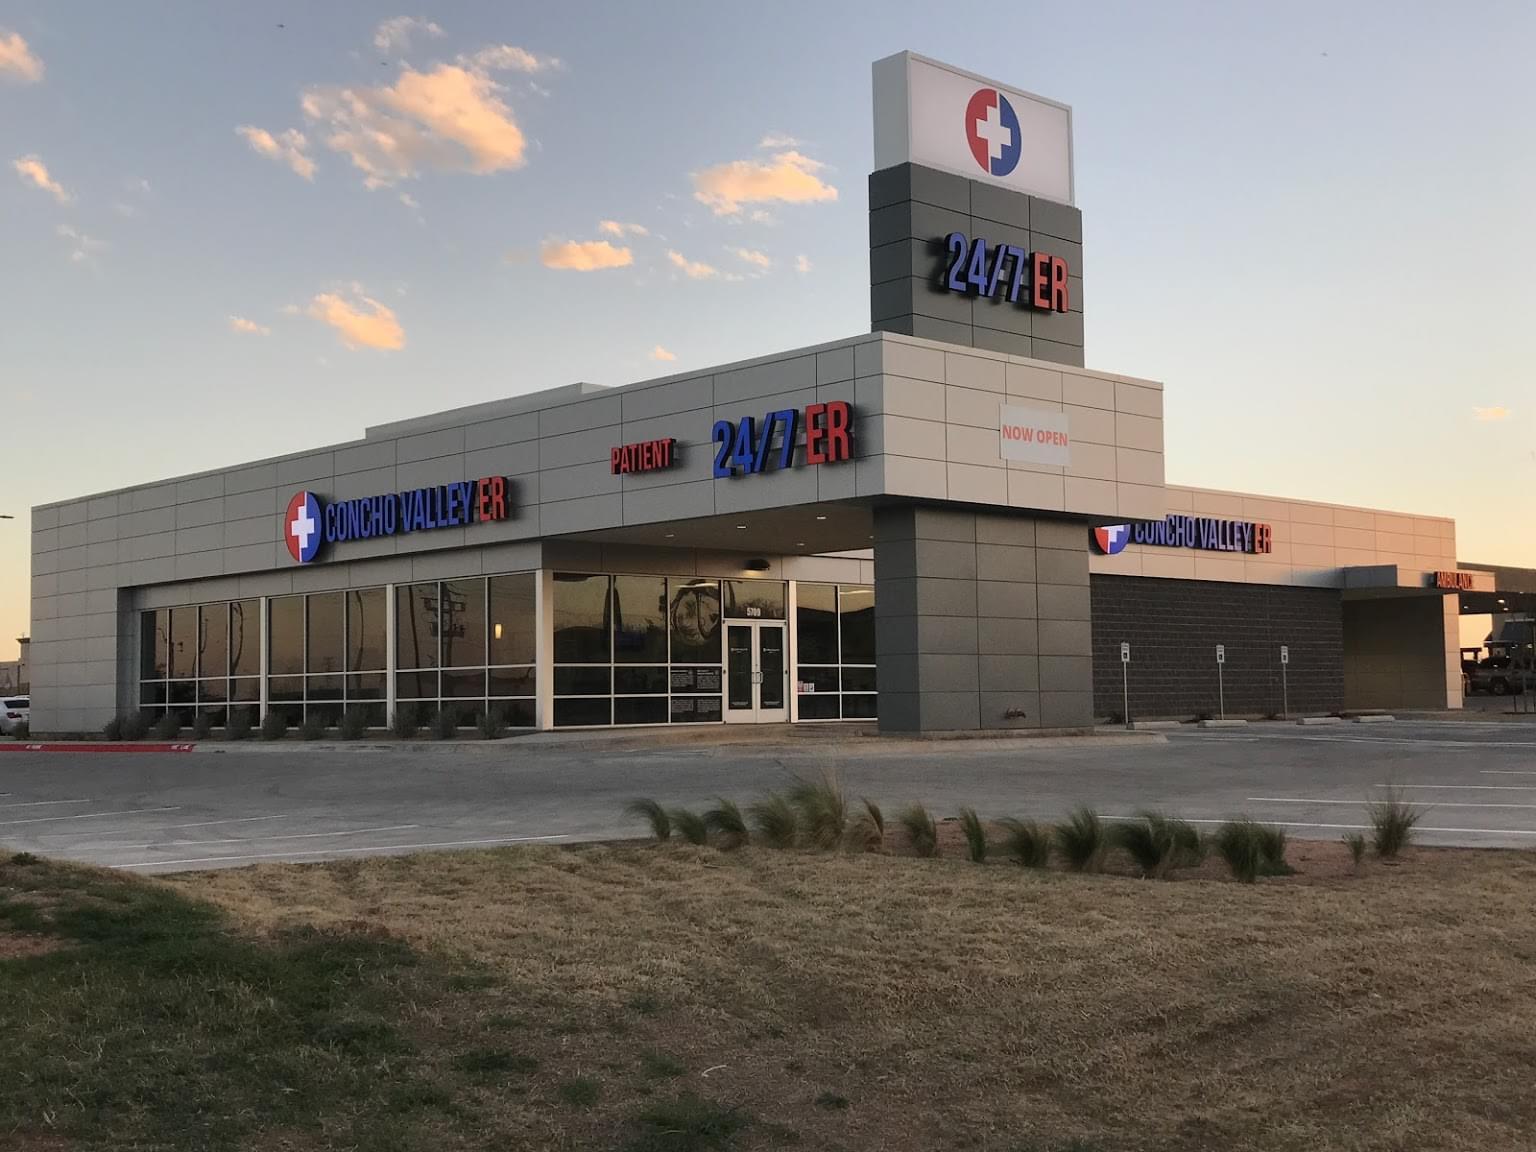 Concho Valley ER 24 7 Emergency Center San Angelo TX